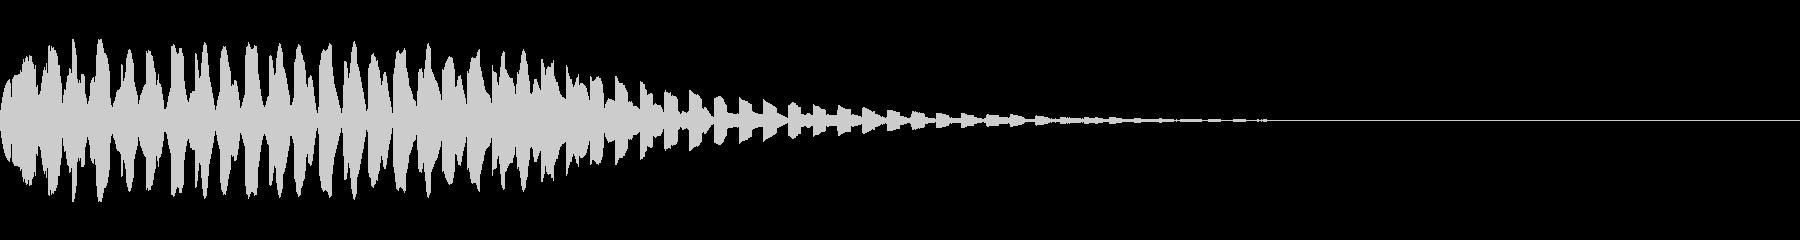 キュイン ギュイン 光る フラッシュ05の未再生の波形